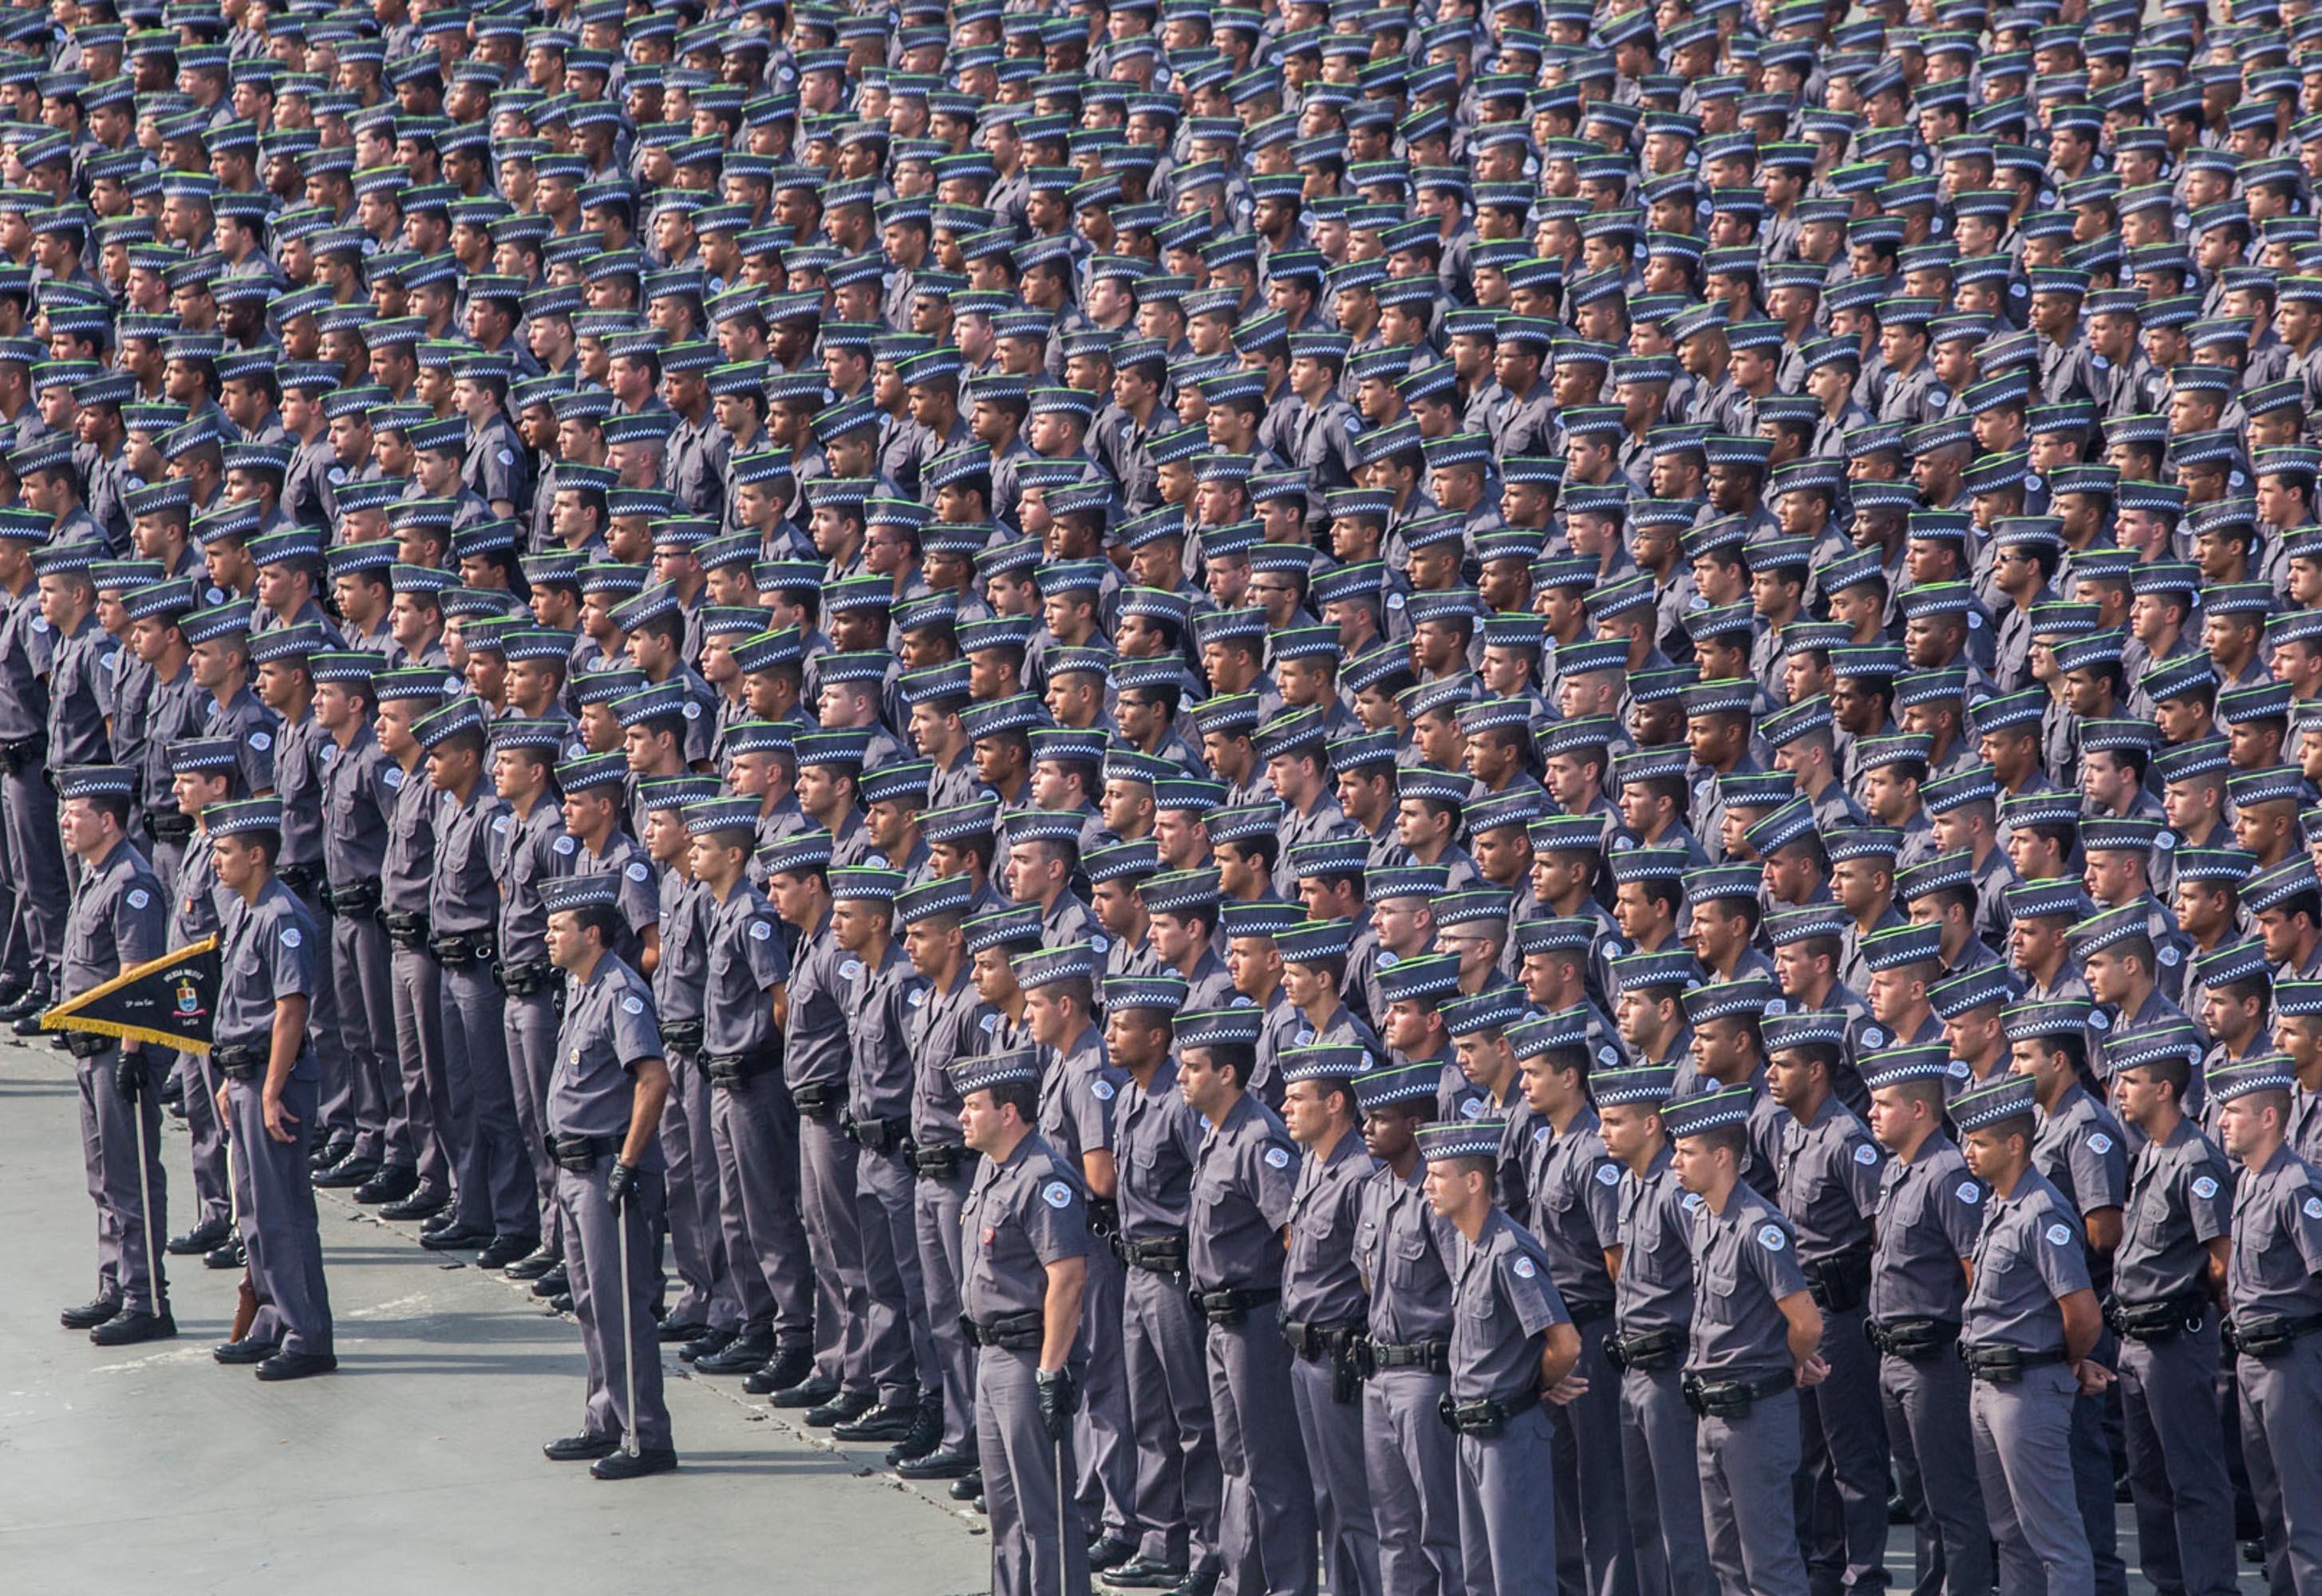 Formatura de 2614 Soldados da PM no Sambódromo do Anhembi. Data: 27/05/2015. Local: São Paulo/SP. Foto: Du Amorim/A2 FOTOGRAFIA